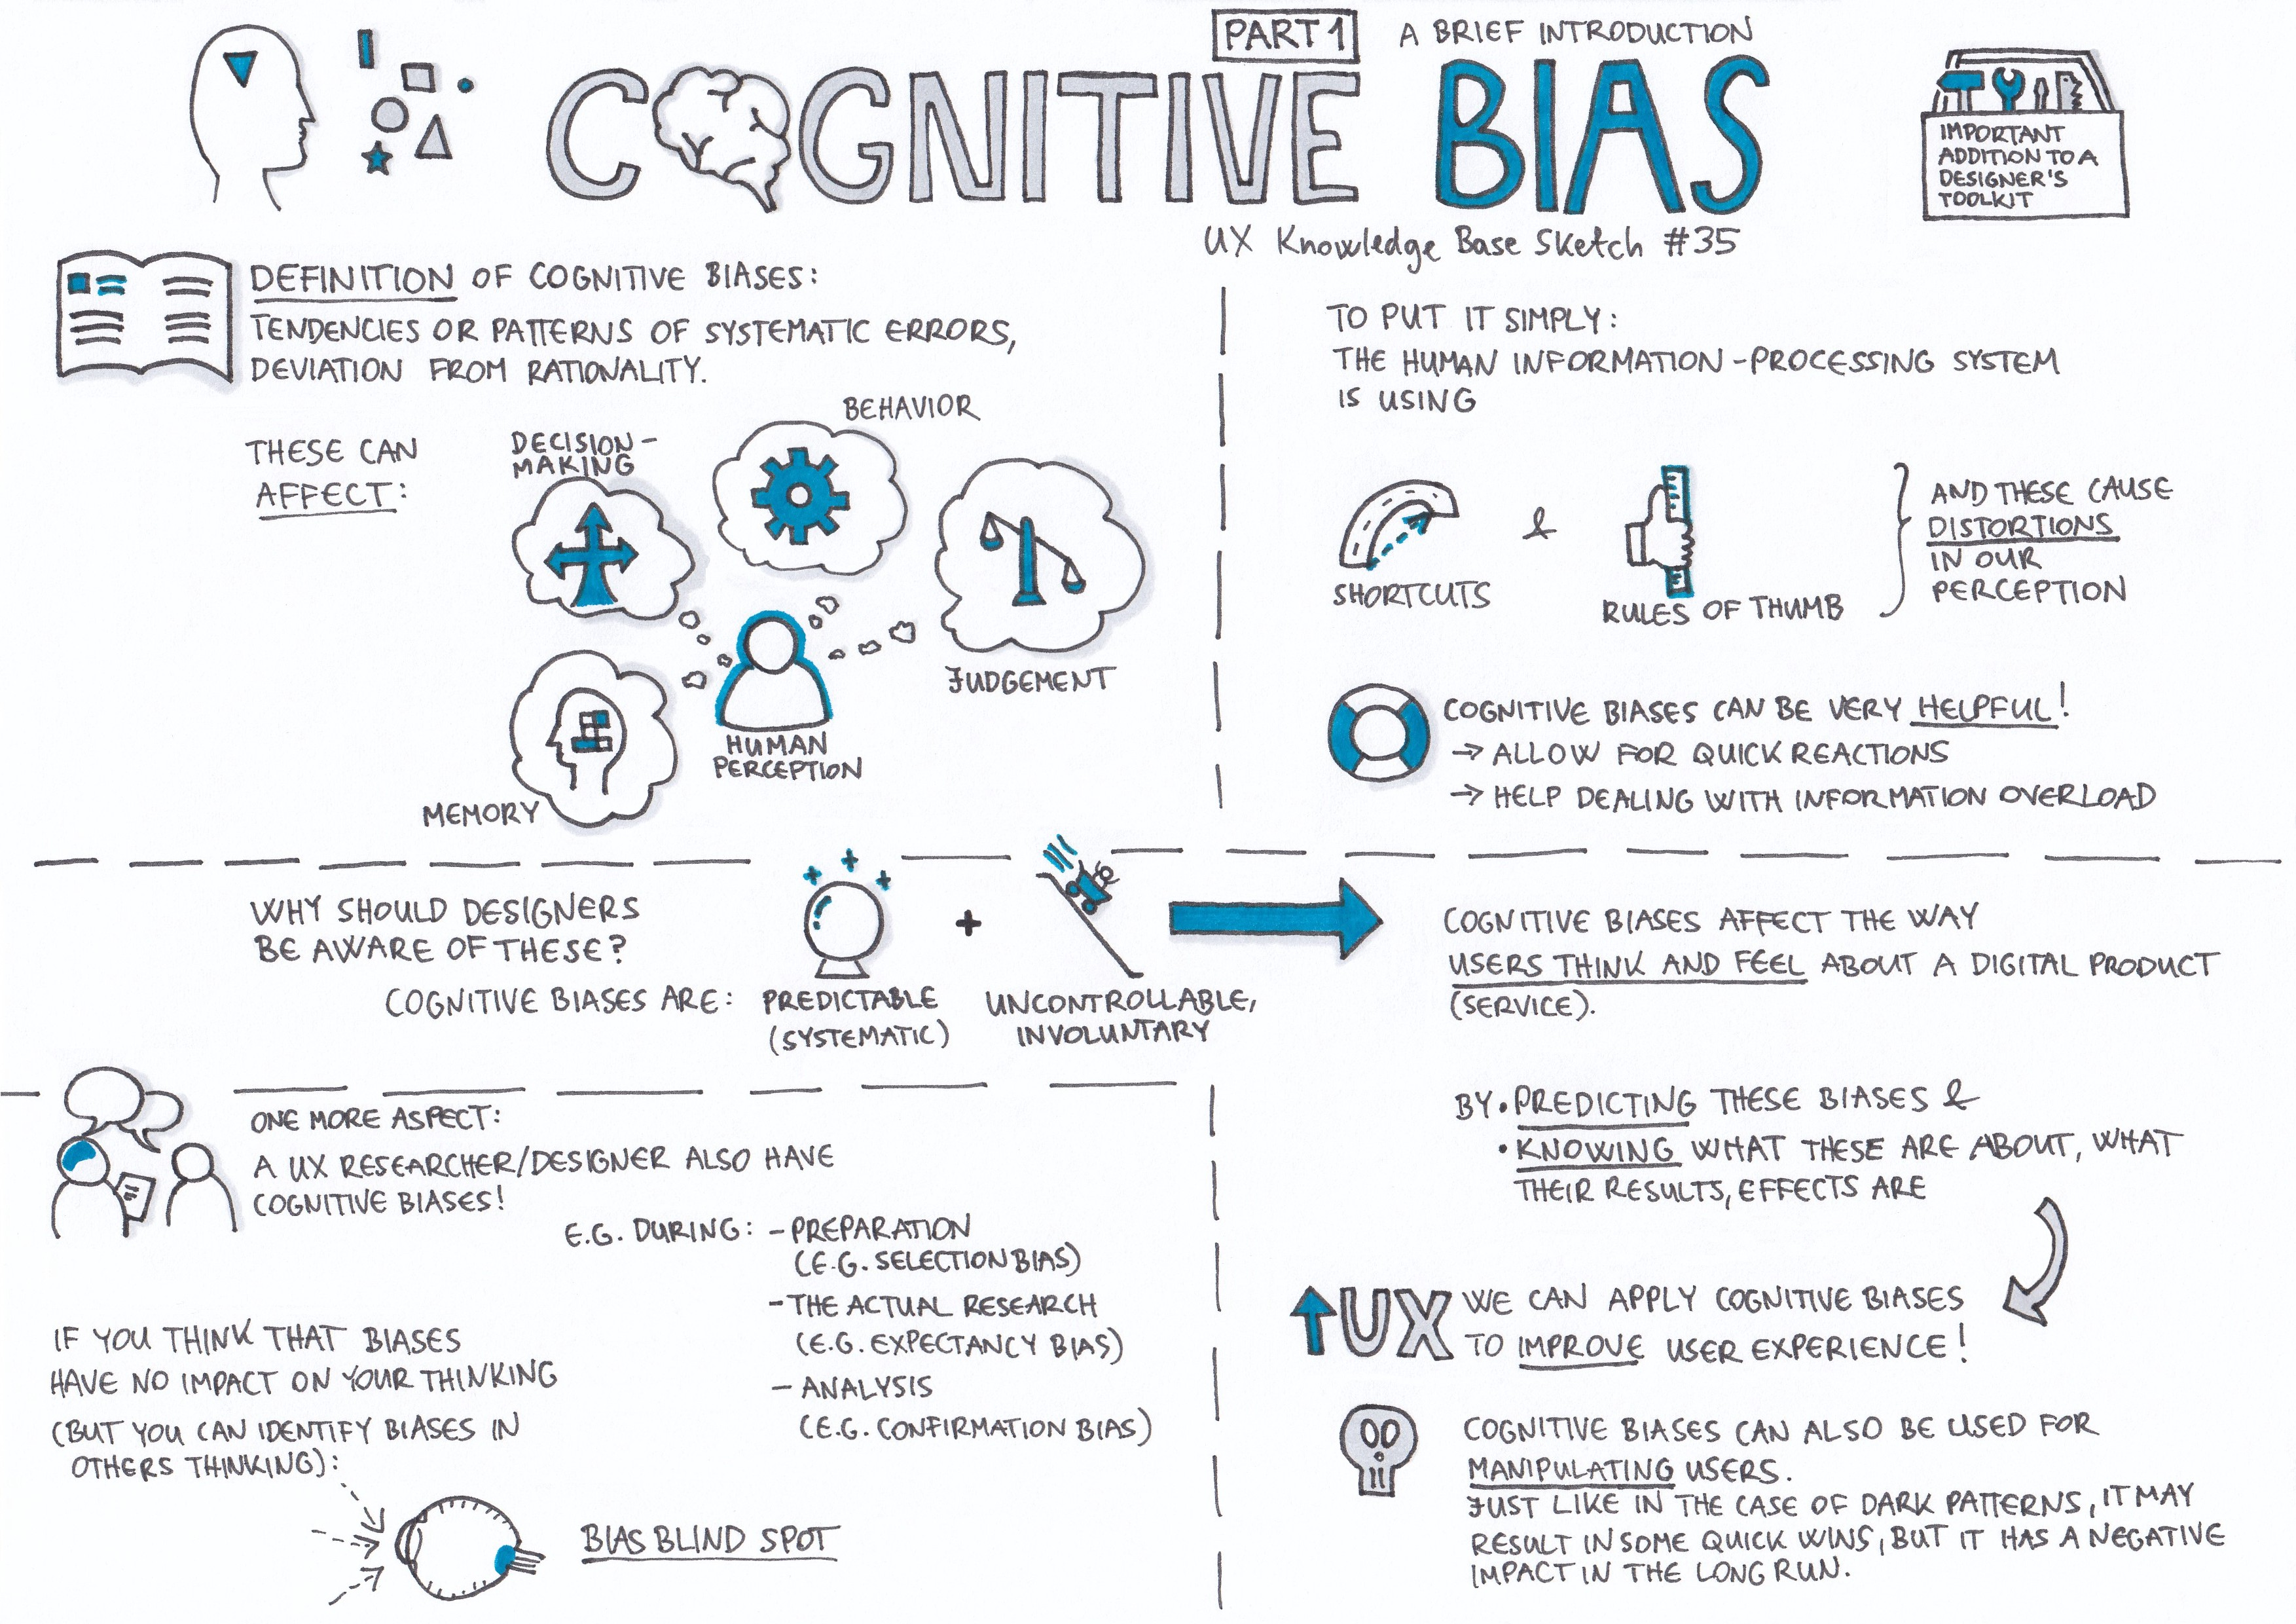 Cognitive Bias Part 1